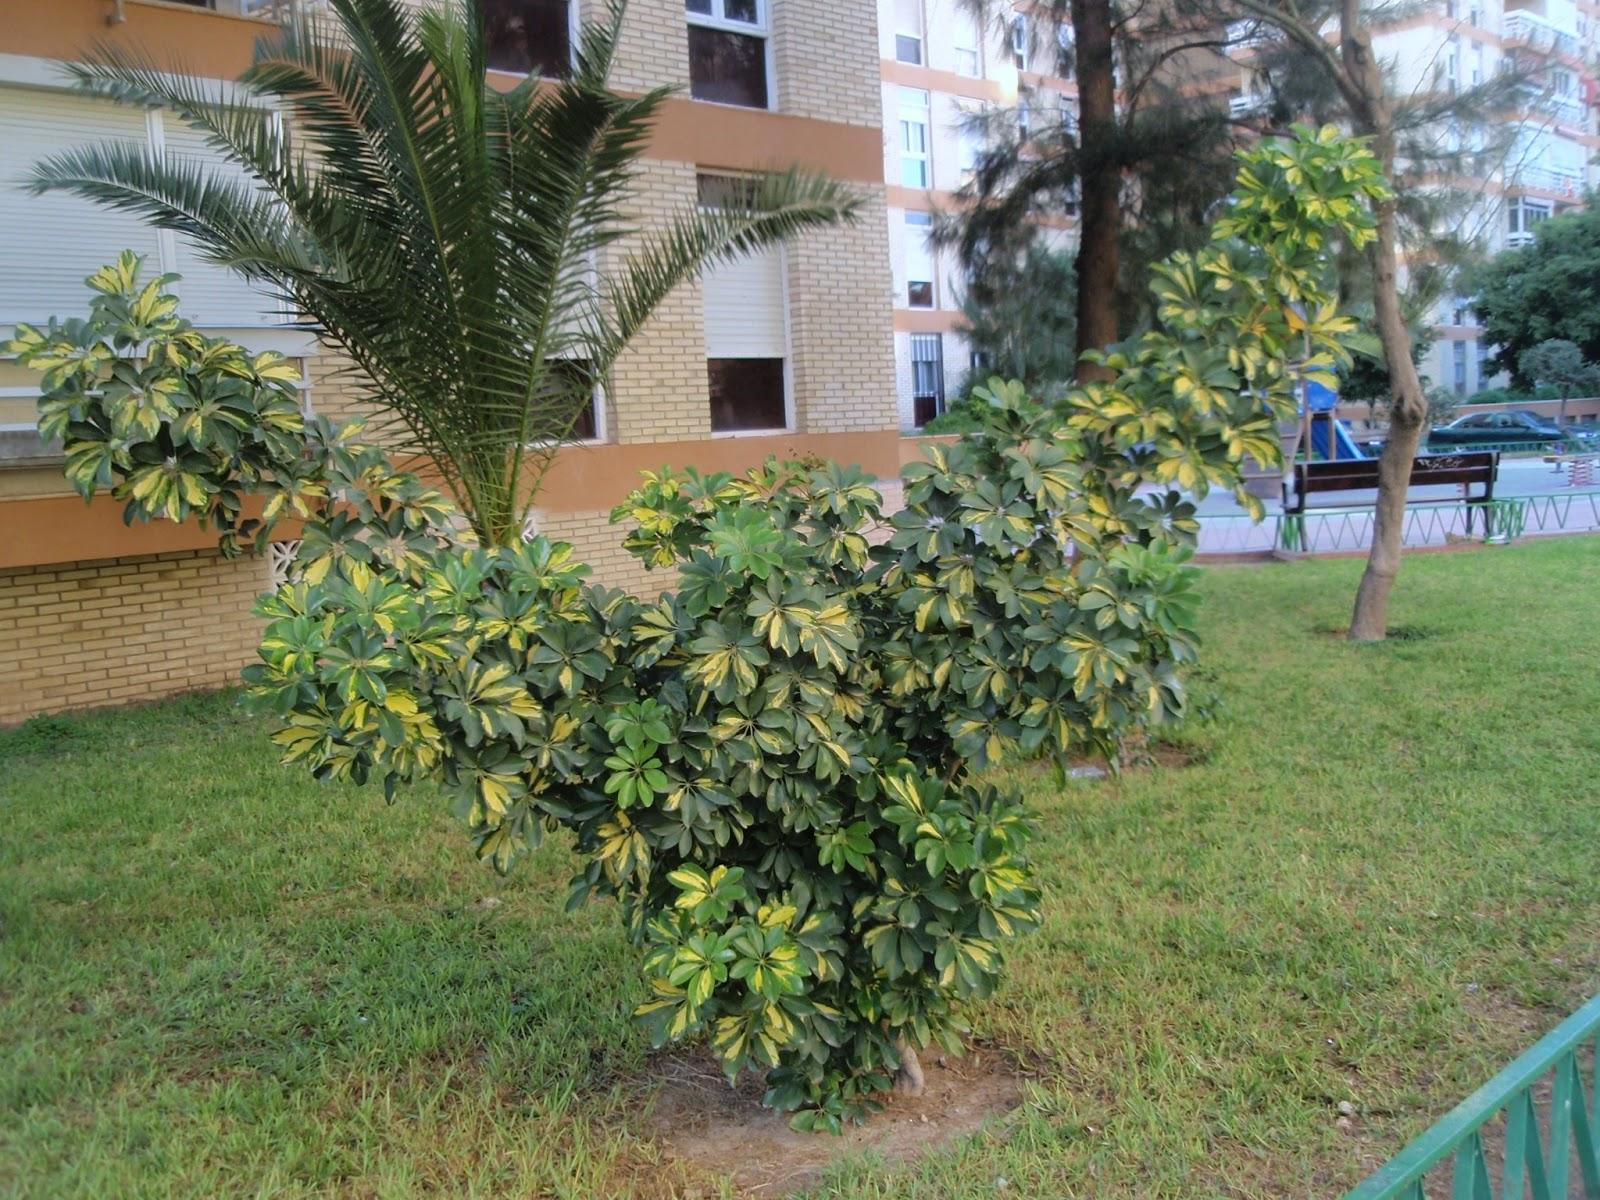 Herbario virtual de banyeres de mariola y alicante for Fotos de jardines particulares